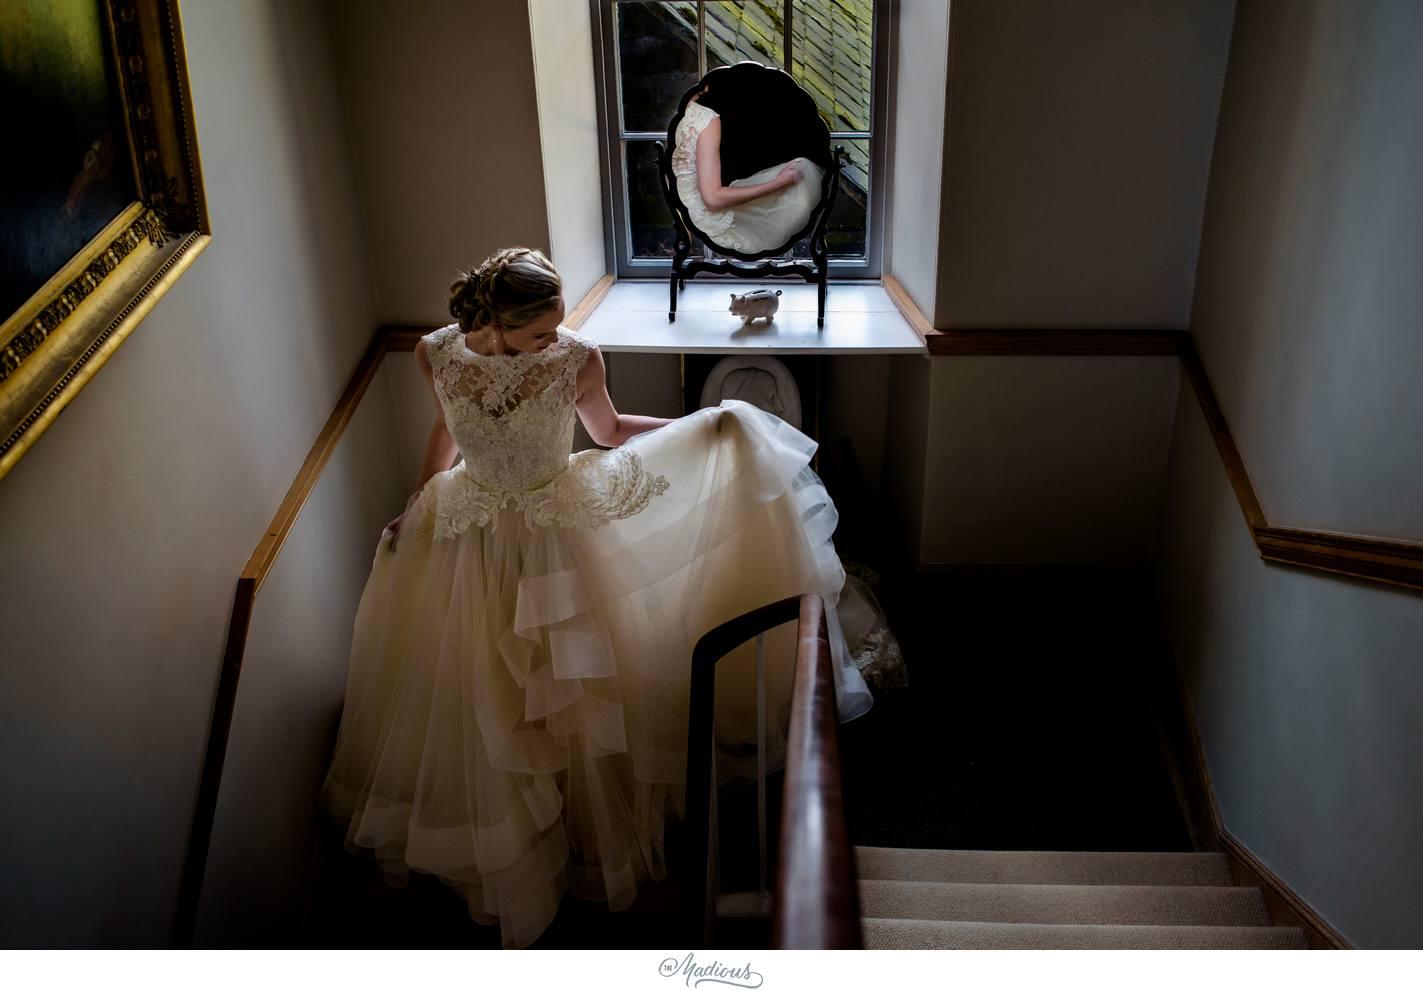 Balbegno_Dunnotar_Castle_Scottland_Wedding_26.jpg